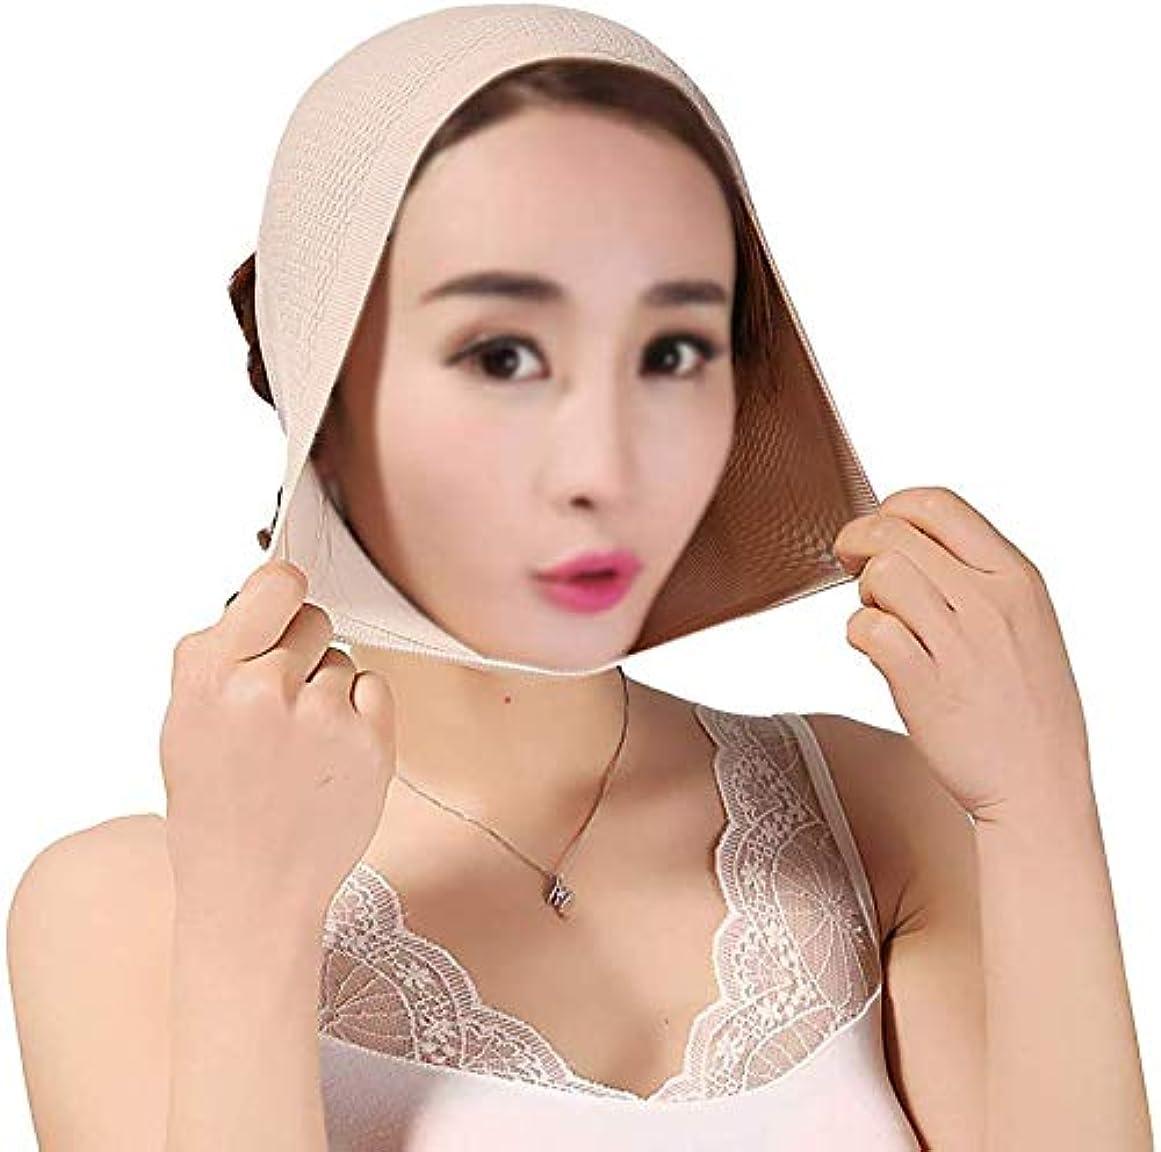 悪性の凍ったランチ美容と実用的なSlim身ベルト、フェイシャルマスク薄いフェイスマスク睡眠薄い顔包帯薄いフェイスマスクフェイスリフトアーティファクトスモールVフェイスからダブルチンリフト引き締め顔修正